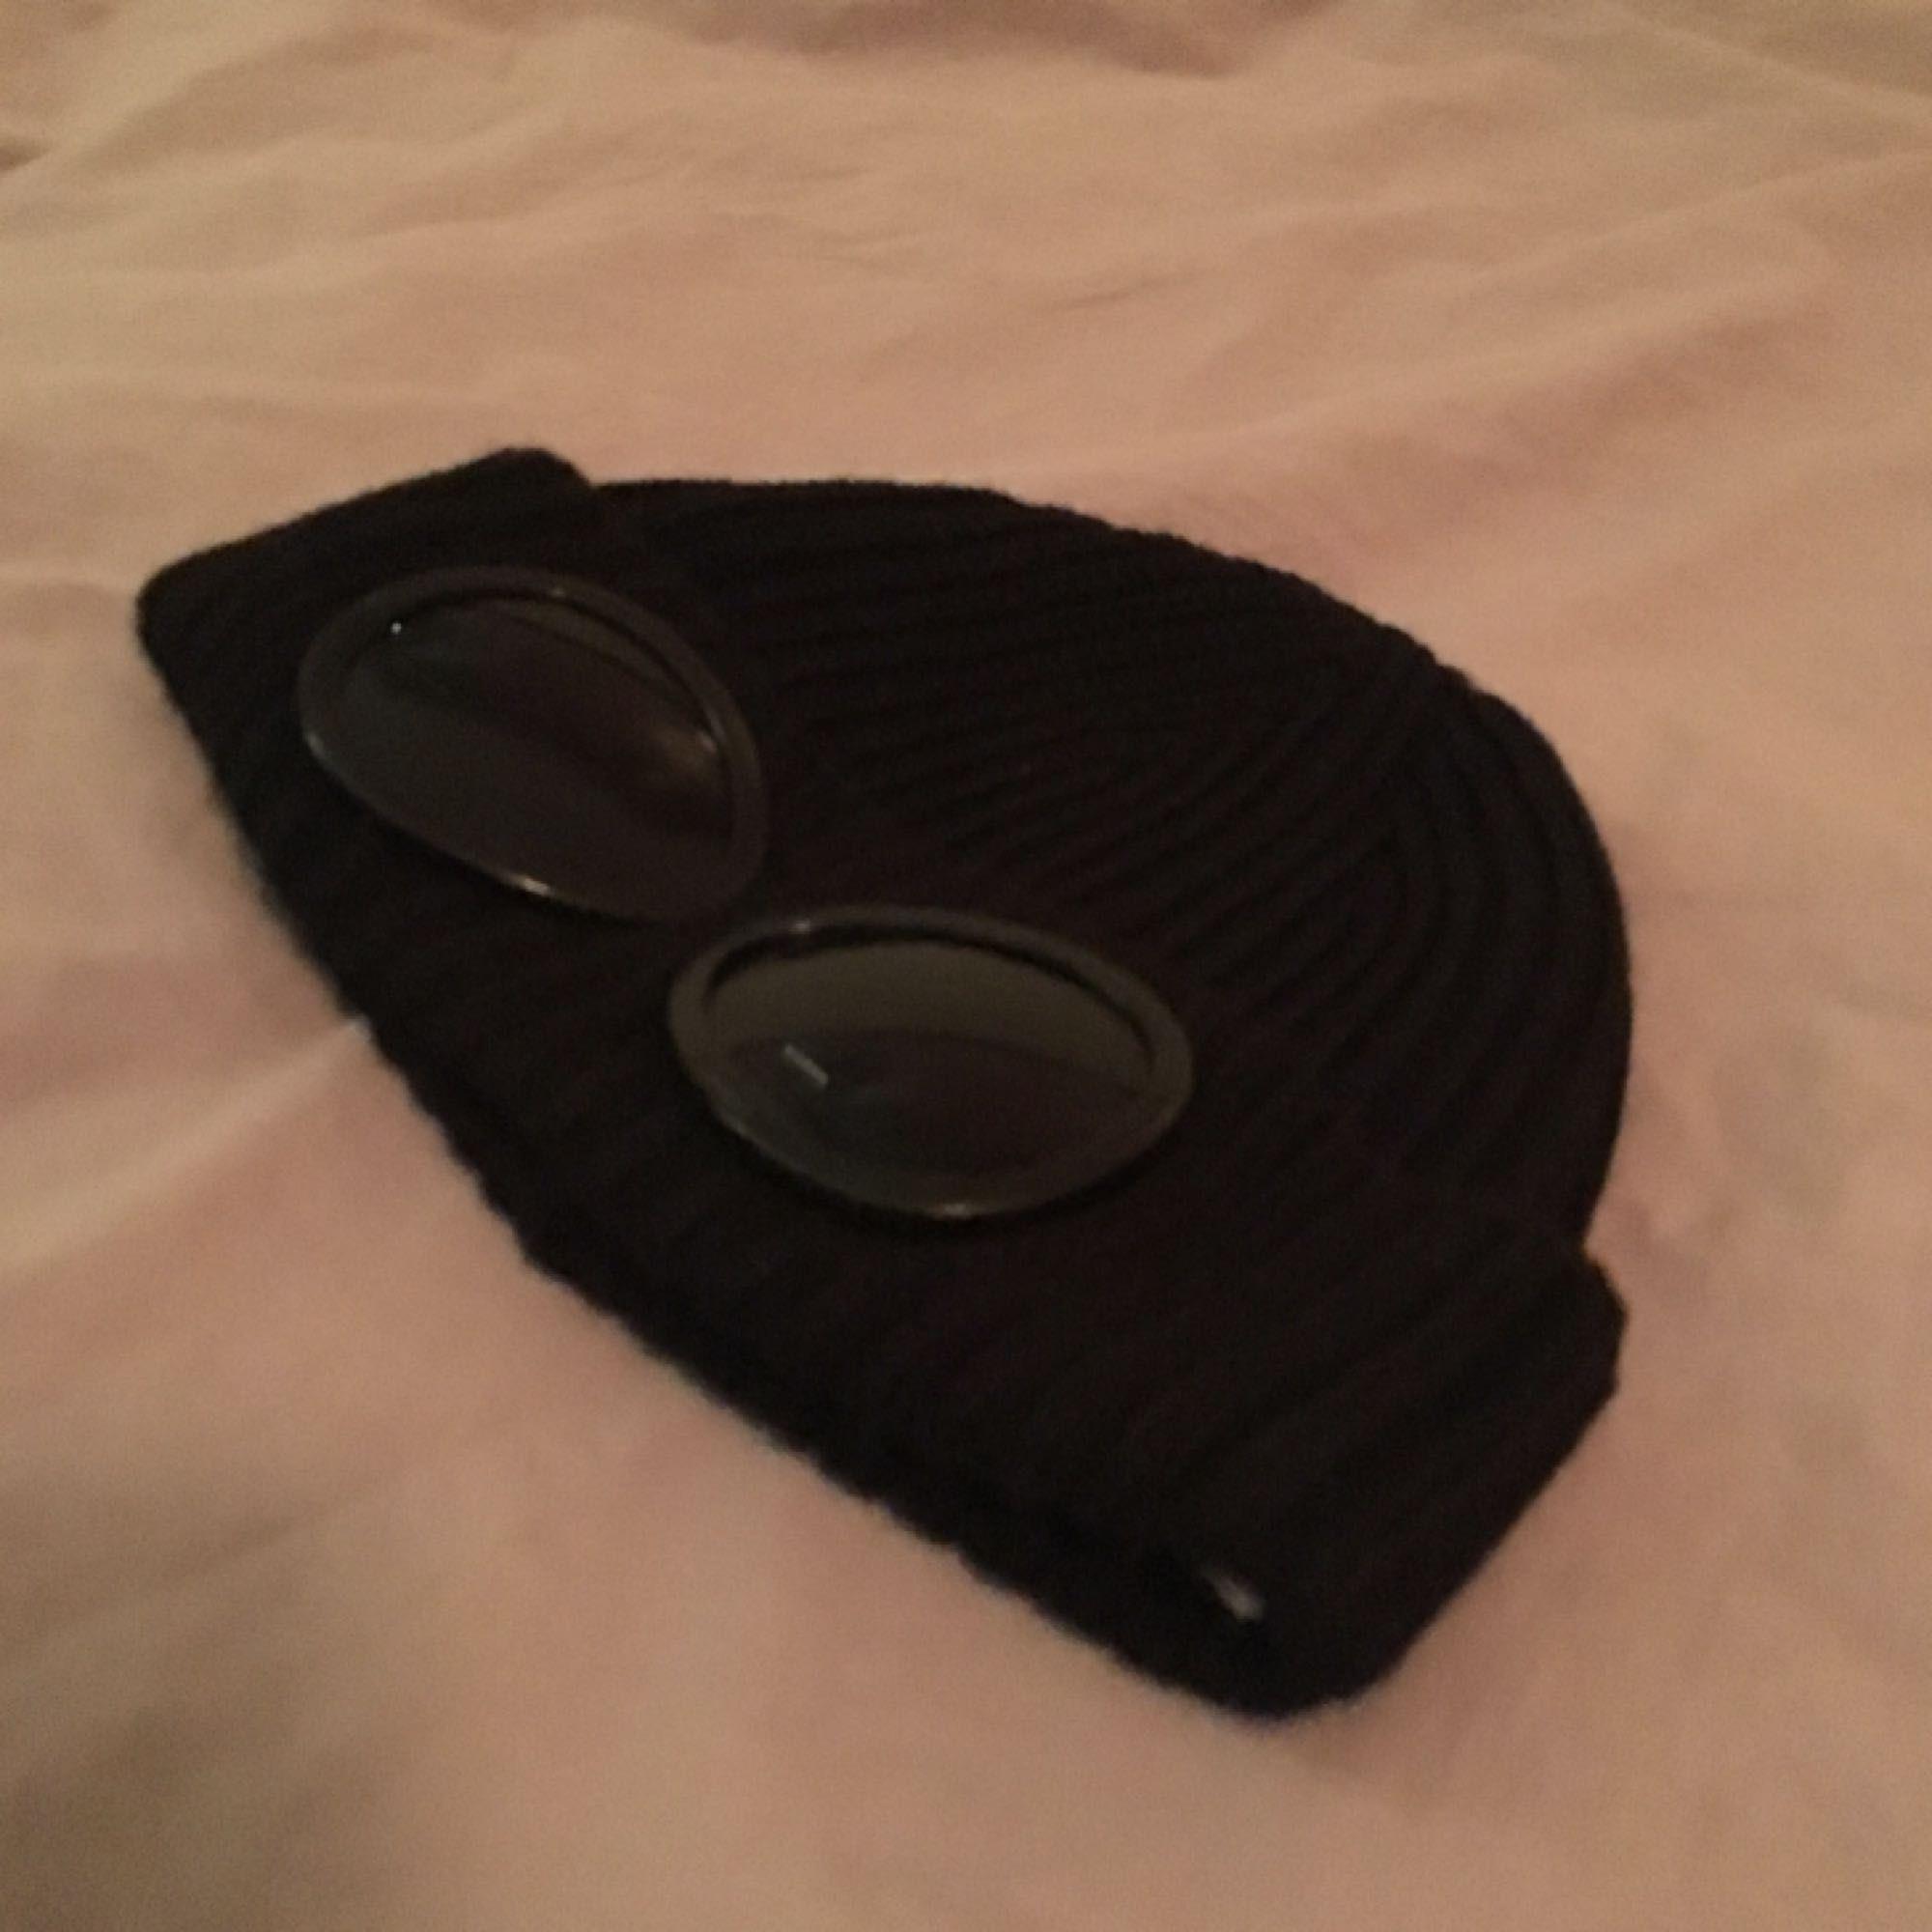 Tuff CP Company mössa med inbyggda goggles! Köpt för 1100 och bara använts en gång så den är i nyskick! :) kan mötas upp i Sthlm eller skickas mot att köparen betalar frakt!. Accessoarer.